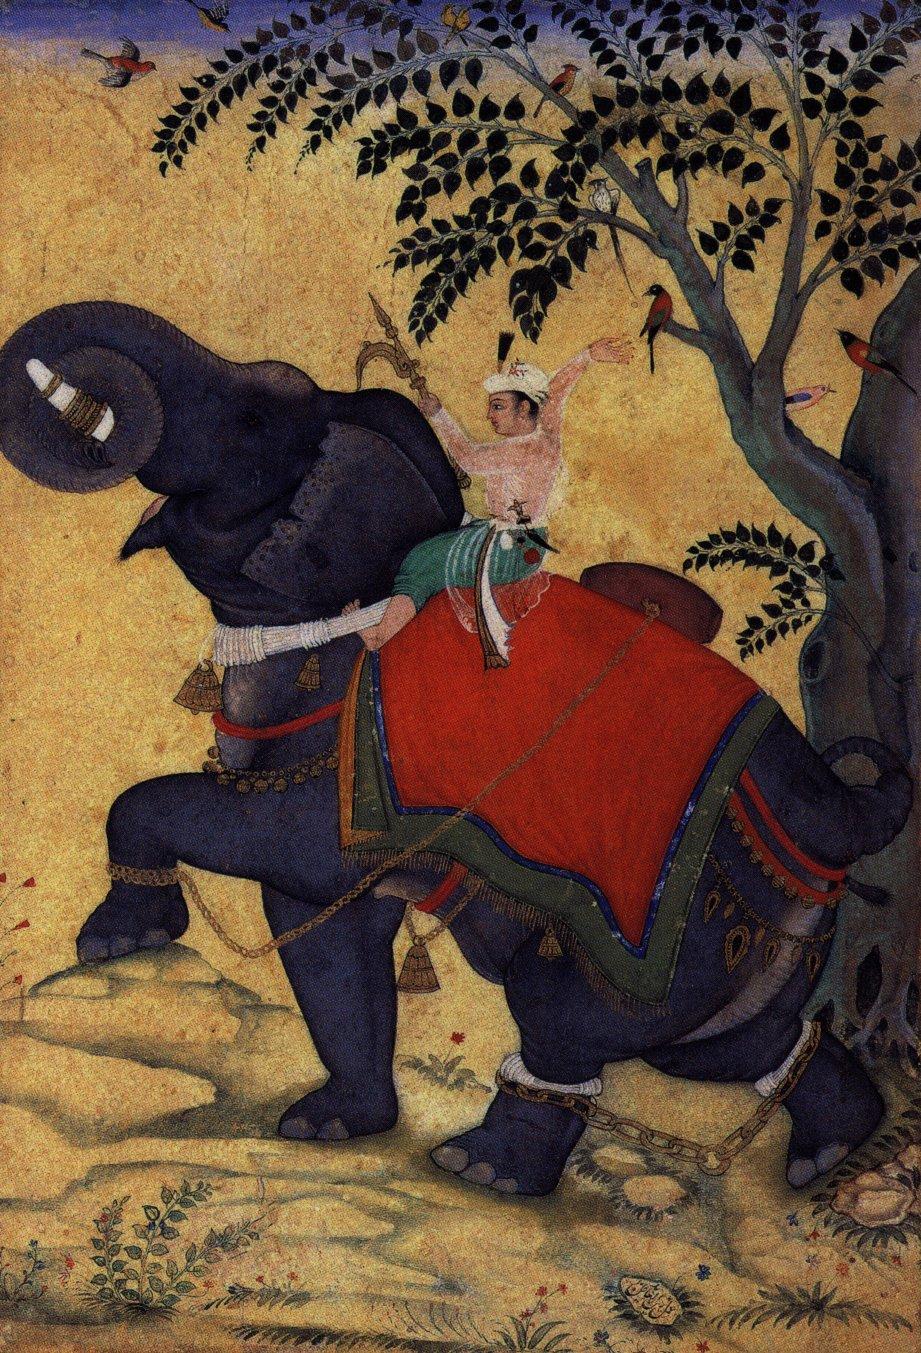 Ramprasad : Brave soldier of Maharana Pratap | रामप्रसाद एक बहादुर हाथी